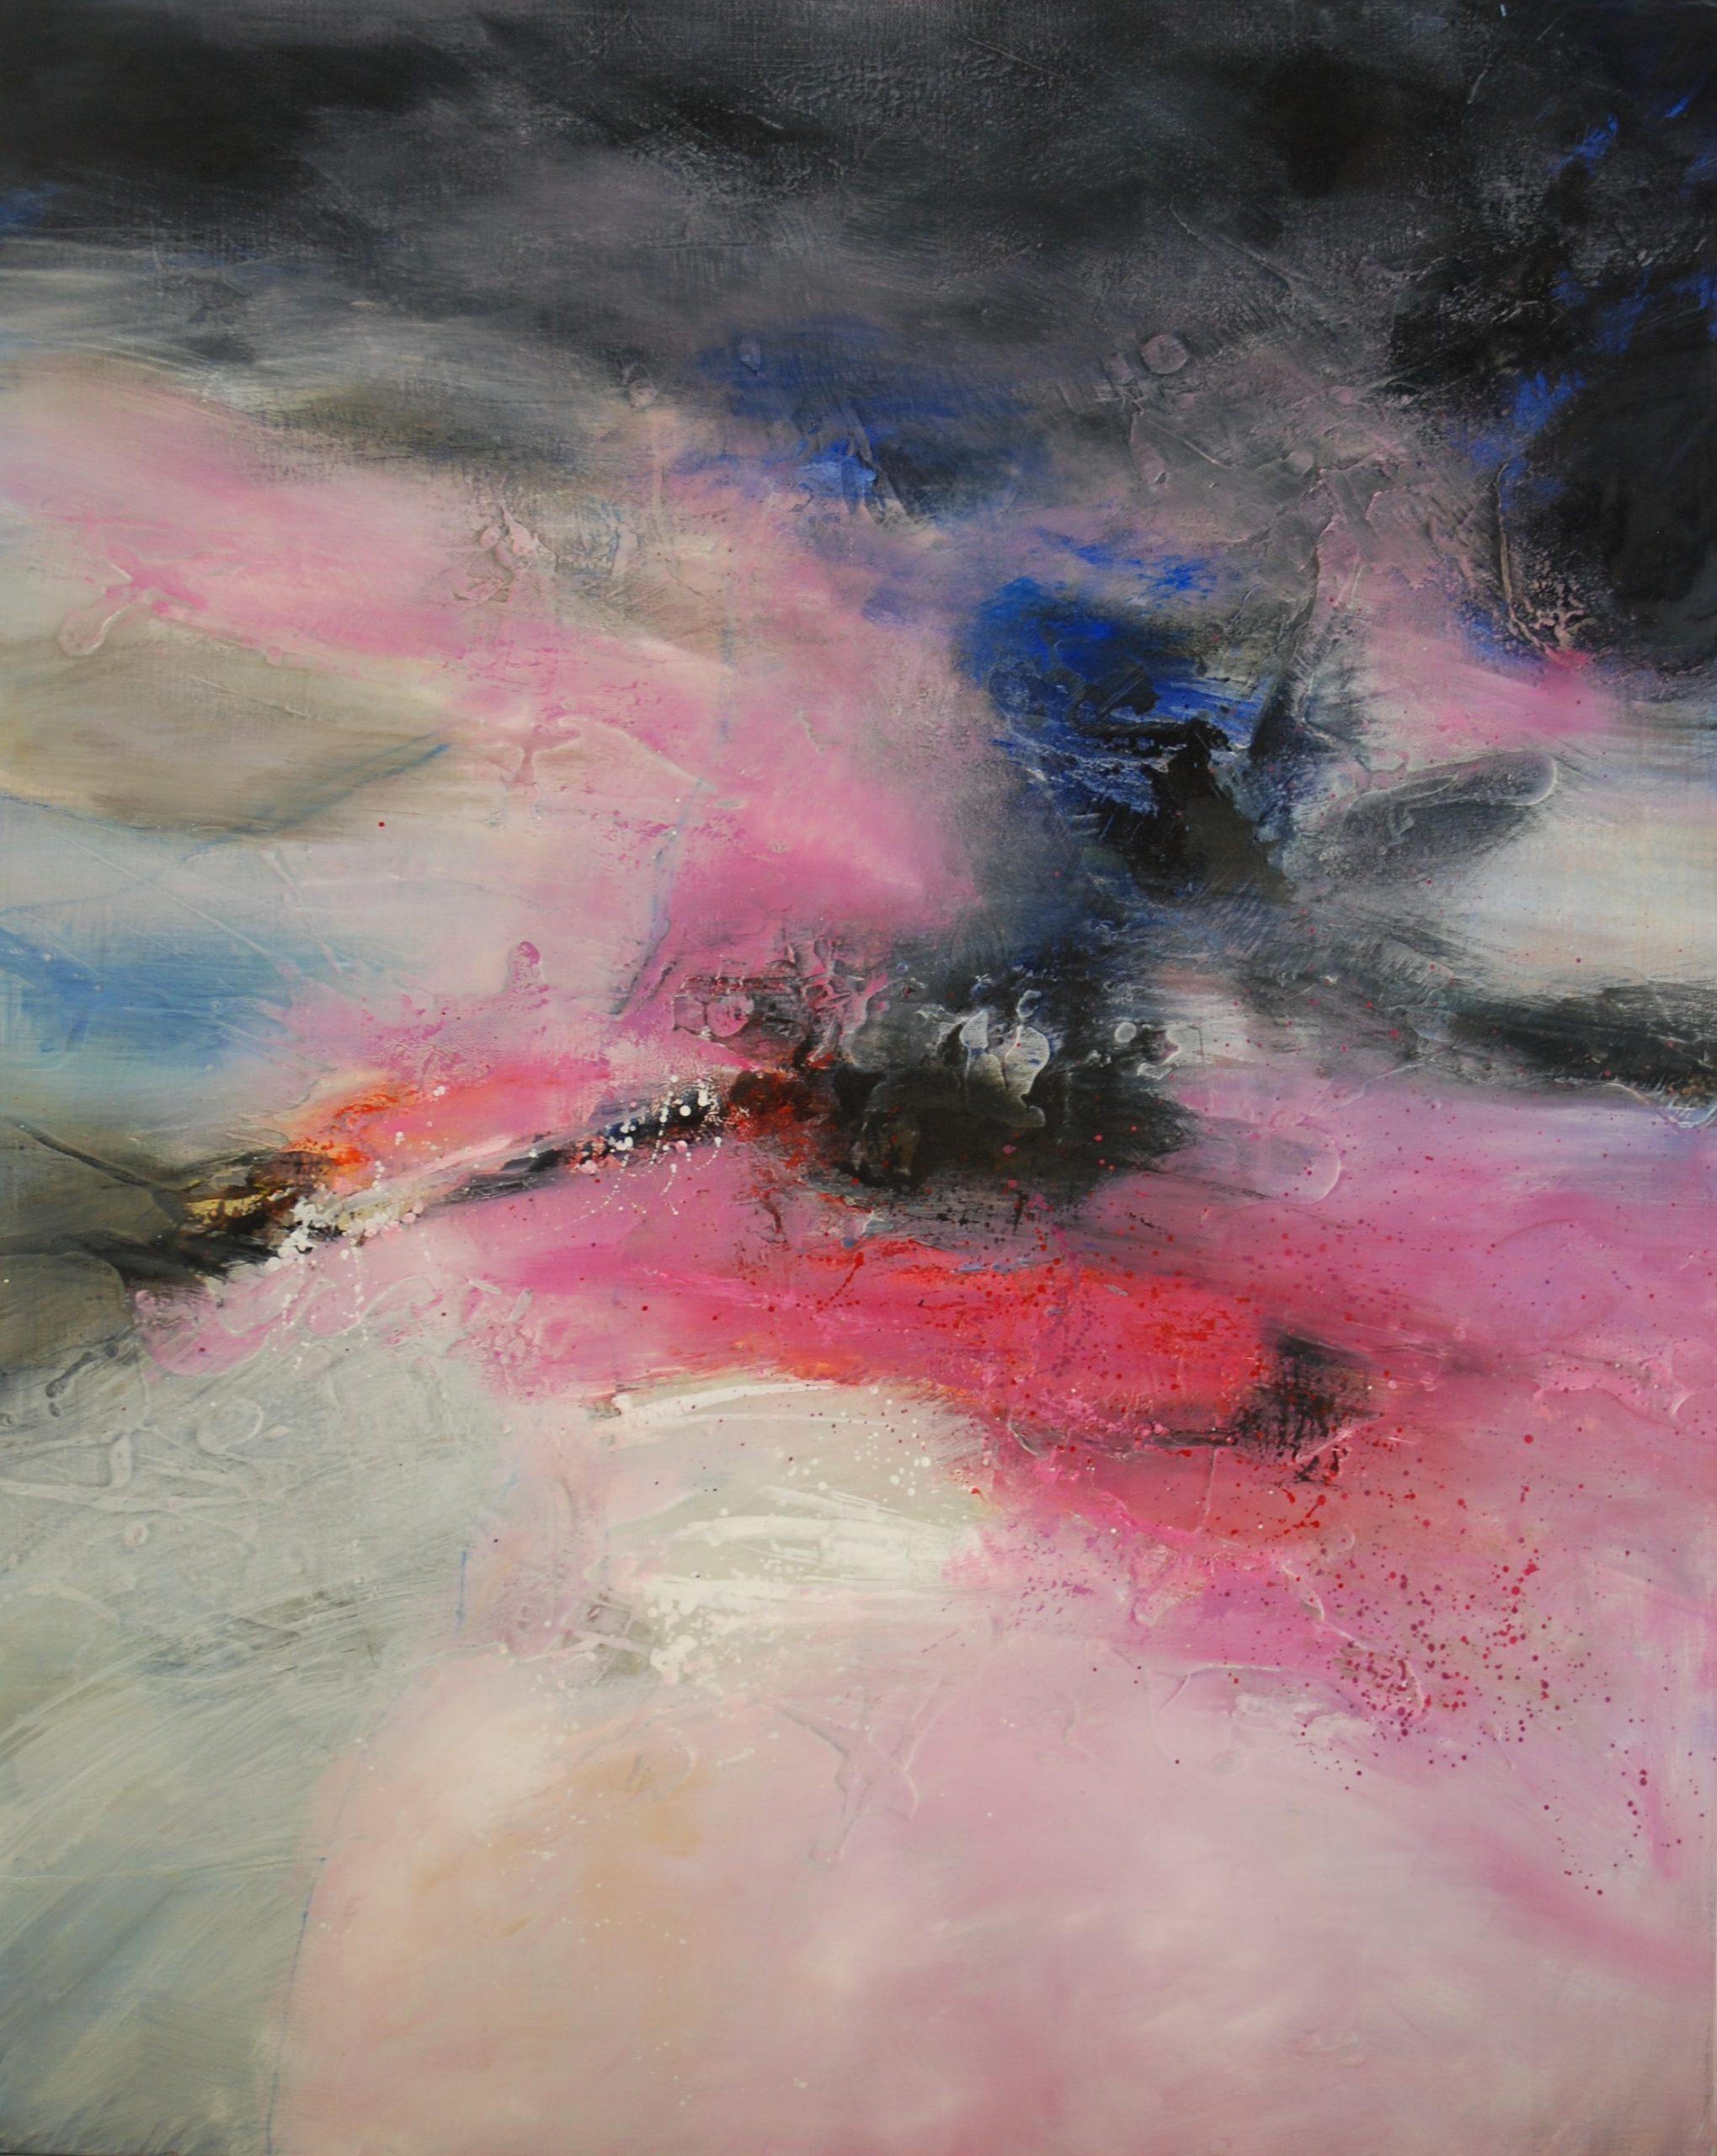 Thanatos Huile sur toile  100x80cm collection particulière